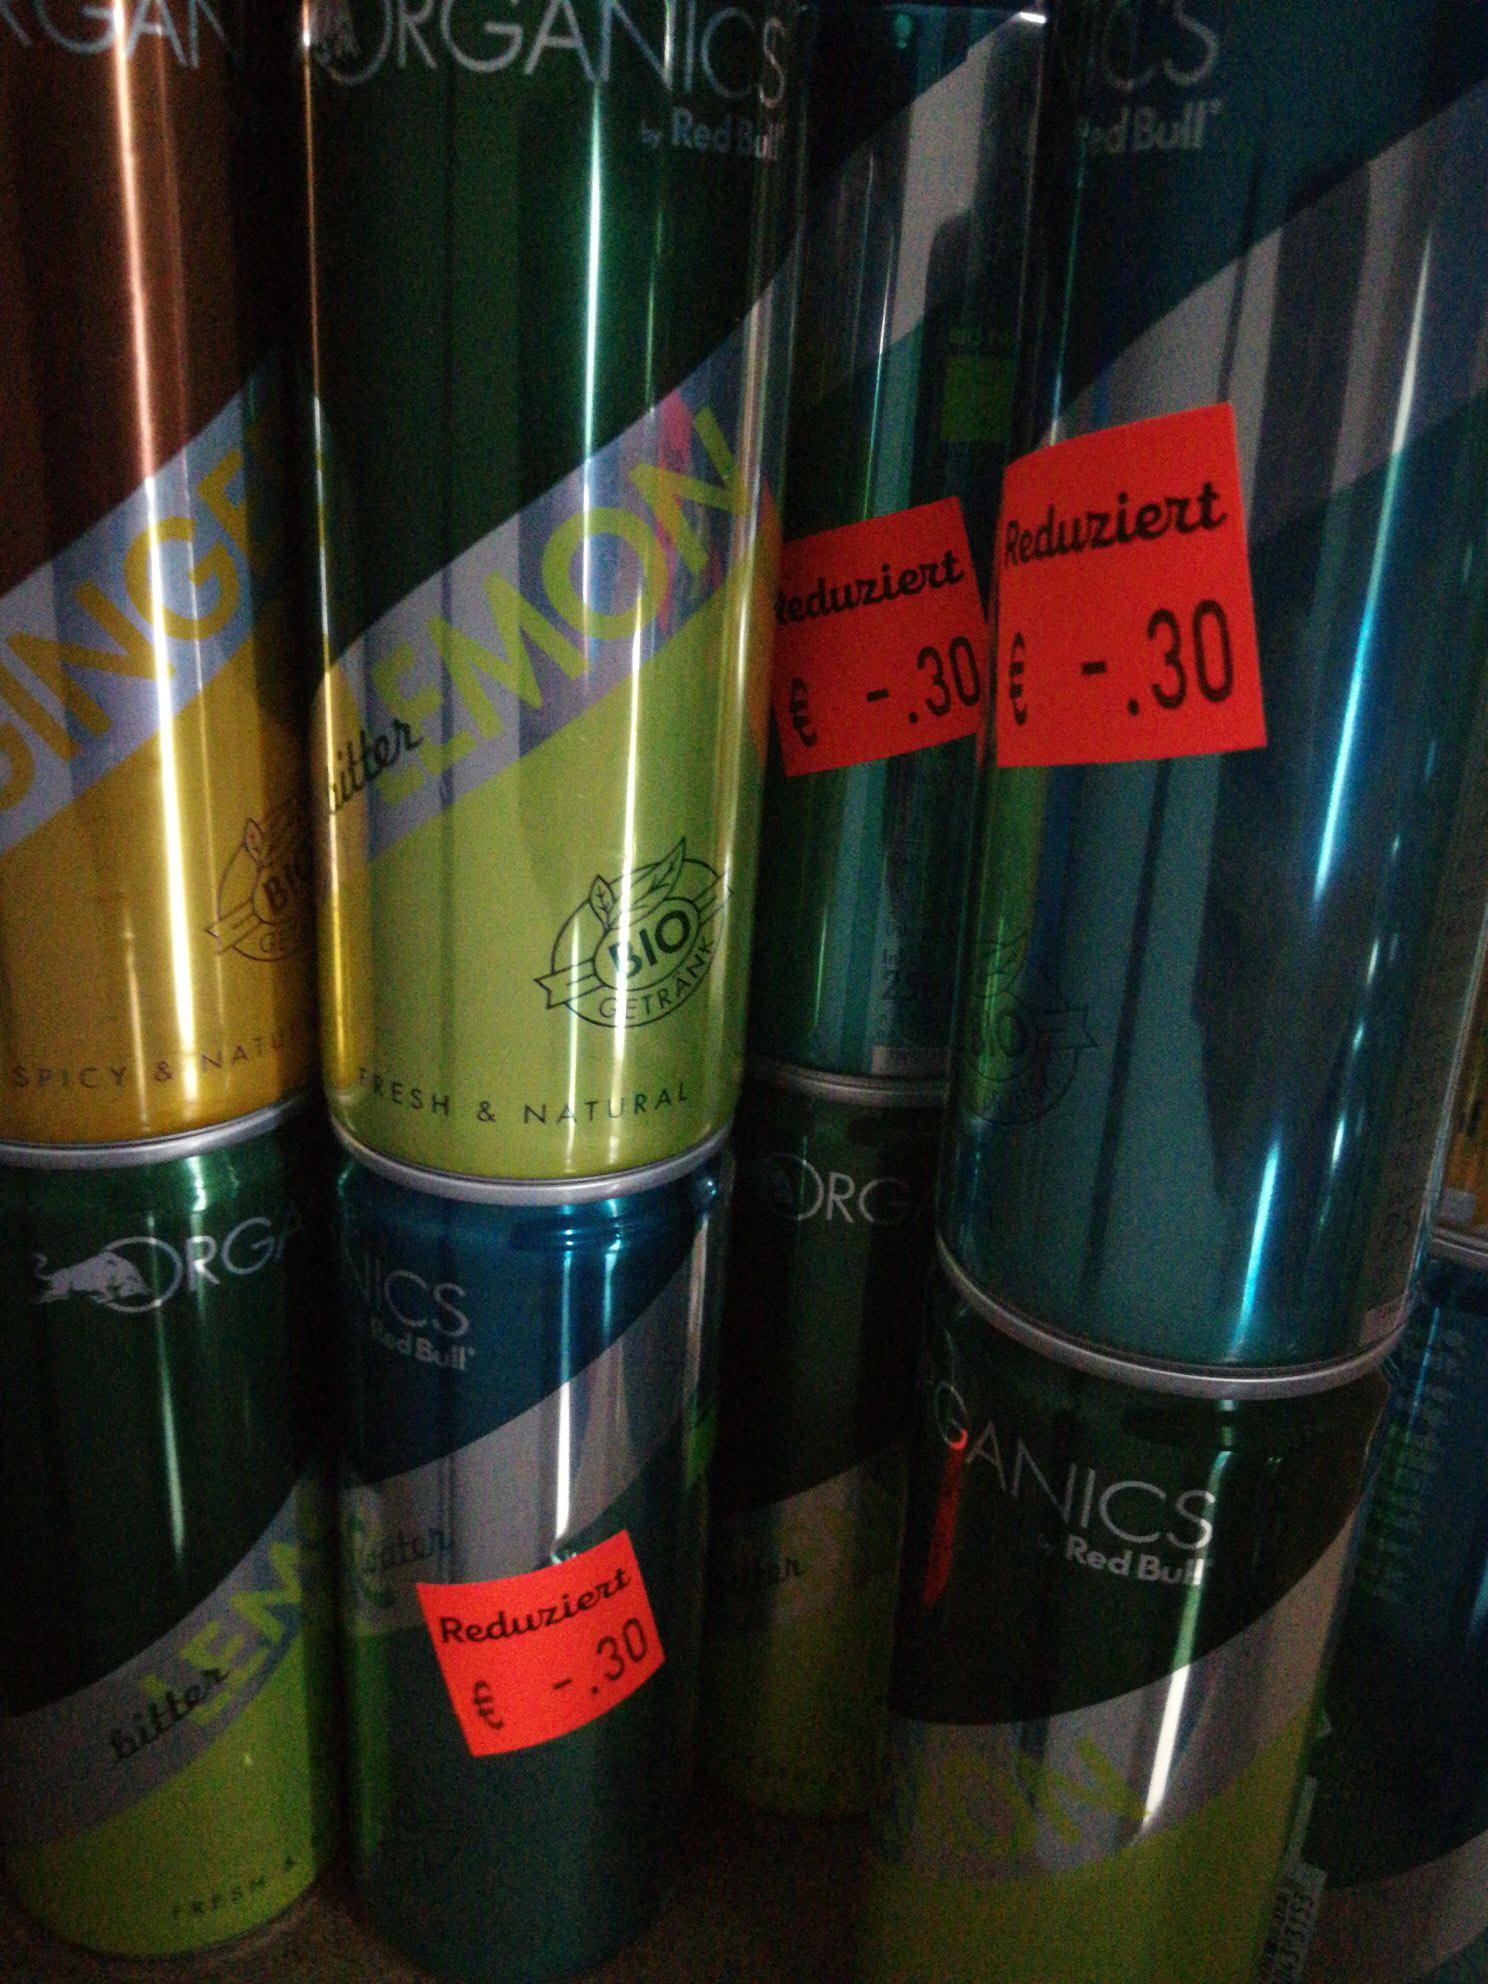 Red Bull Organics 0,30€ zzgl 0,25€ Pfand [Aldi Nord Lokal] Gelsenkirchen